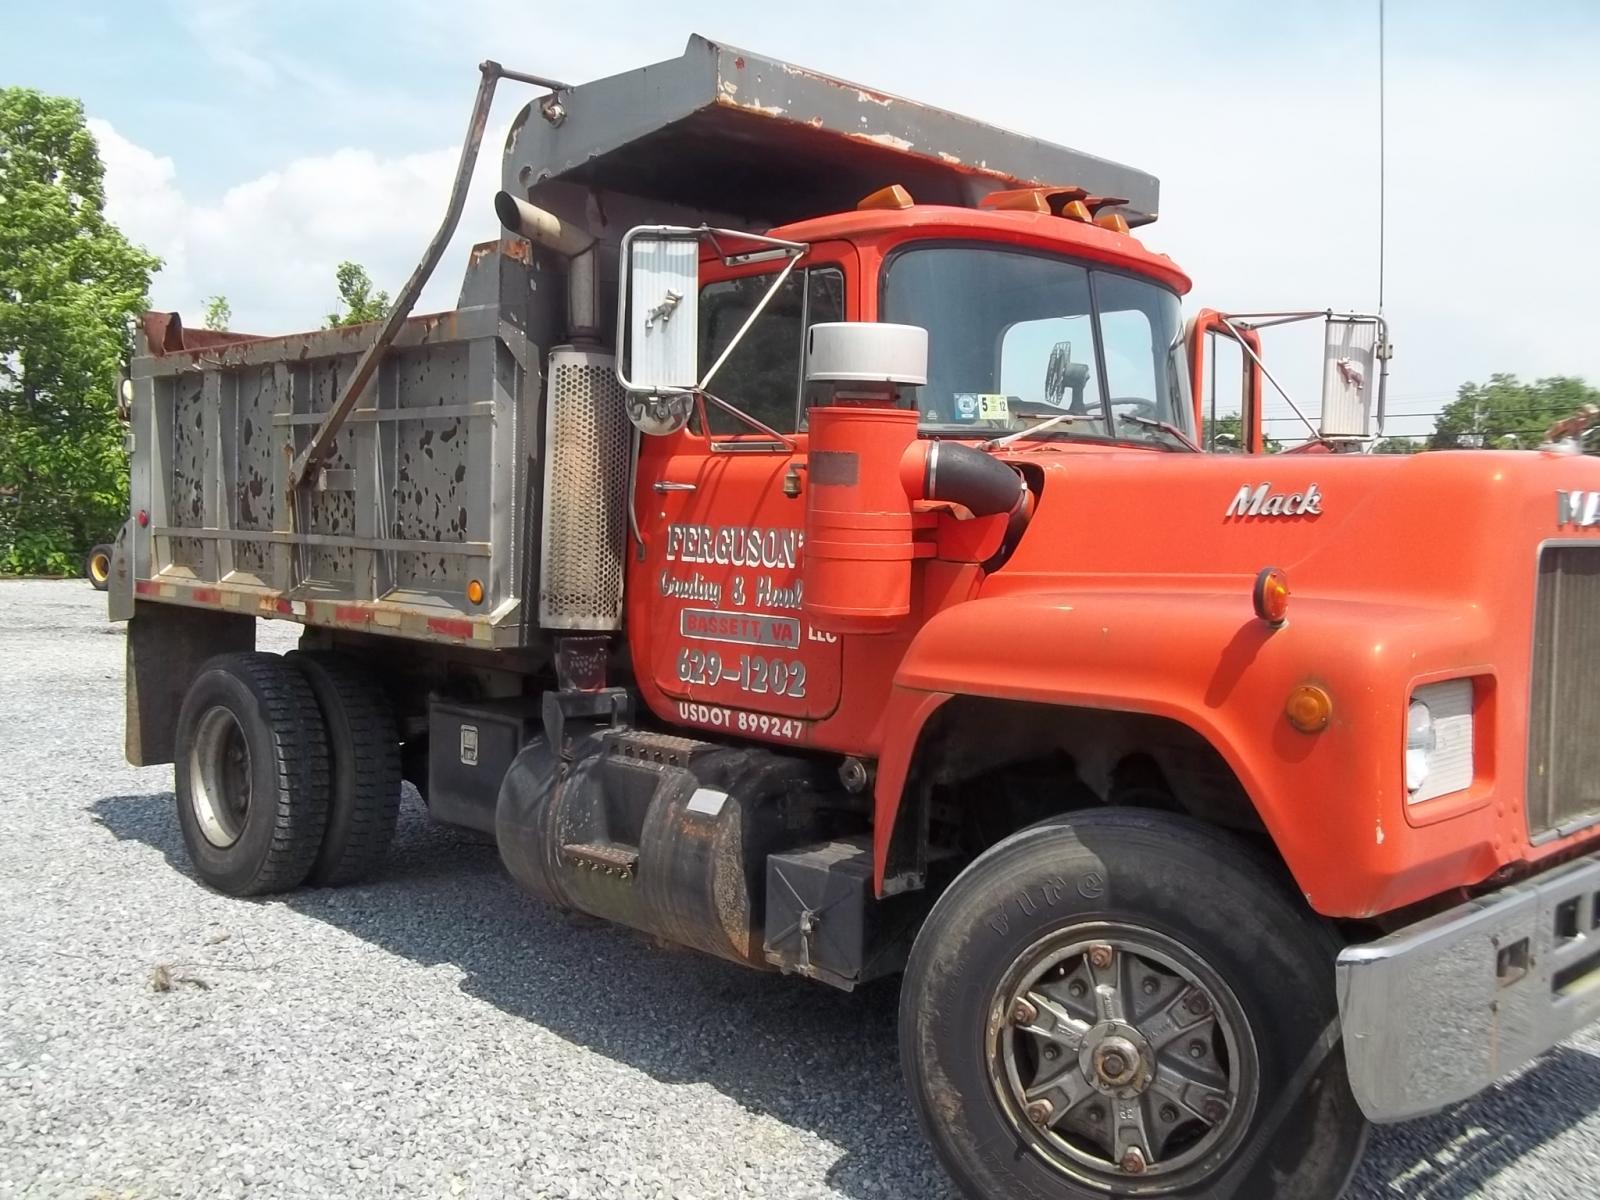 Trucks For Sale In Wv >> mack r dump - Trucks for Sale - BigMackTrucks.com